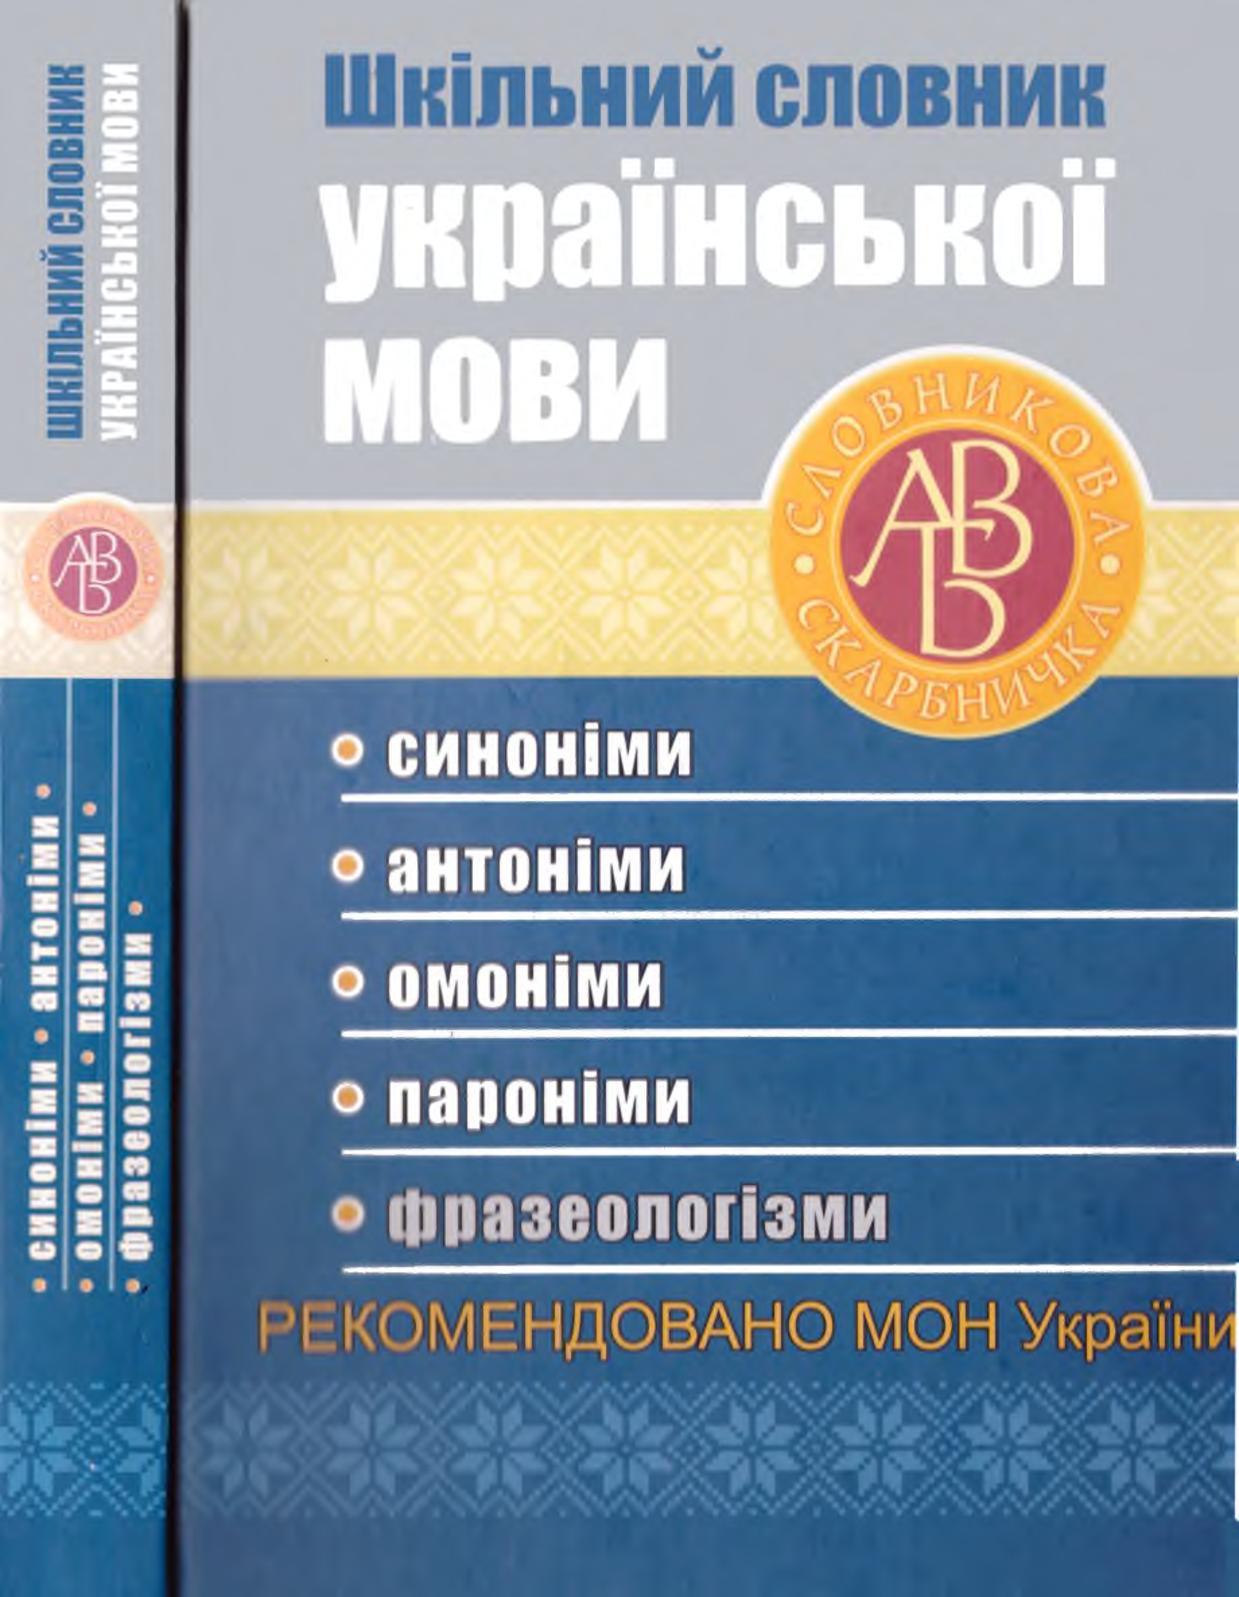 Calaméo - 1spivak T K Uklad Shkil Niy Slovnik Ukrayins Koyi Movi Sinoni 988cd192b25b3